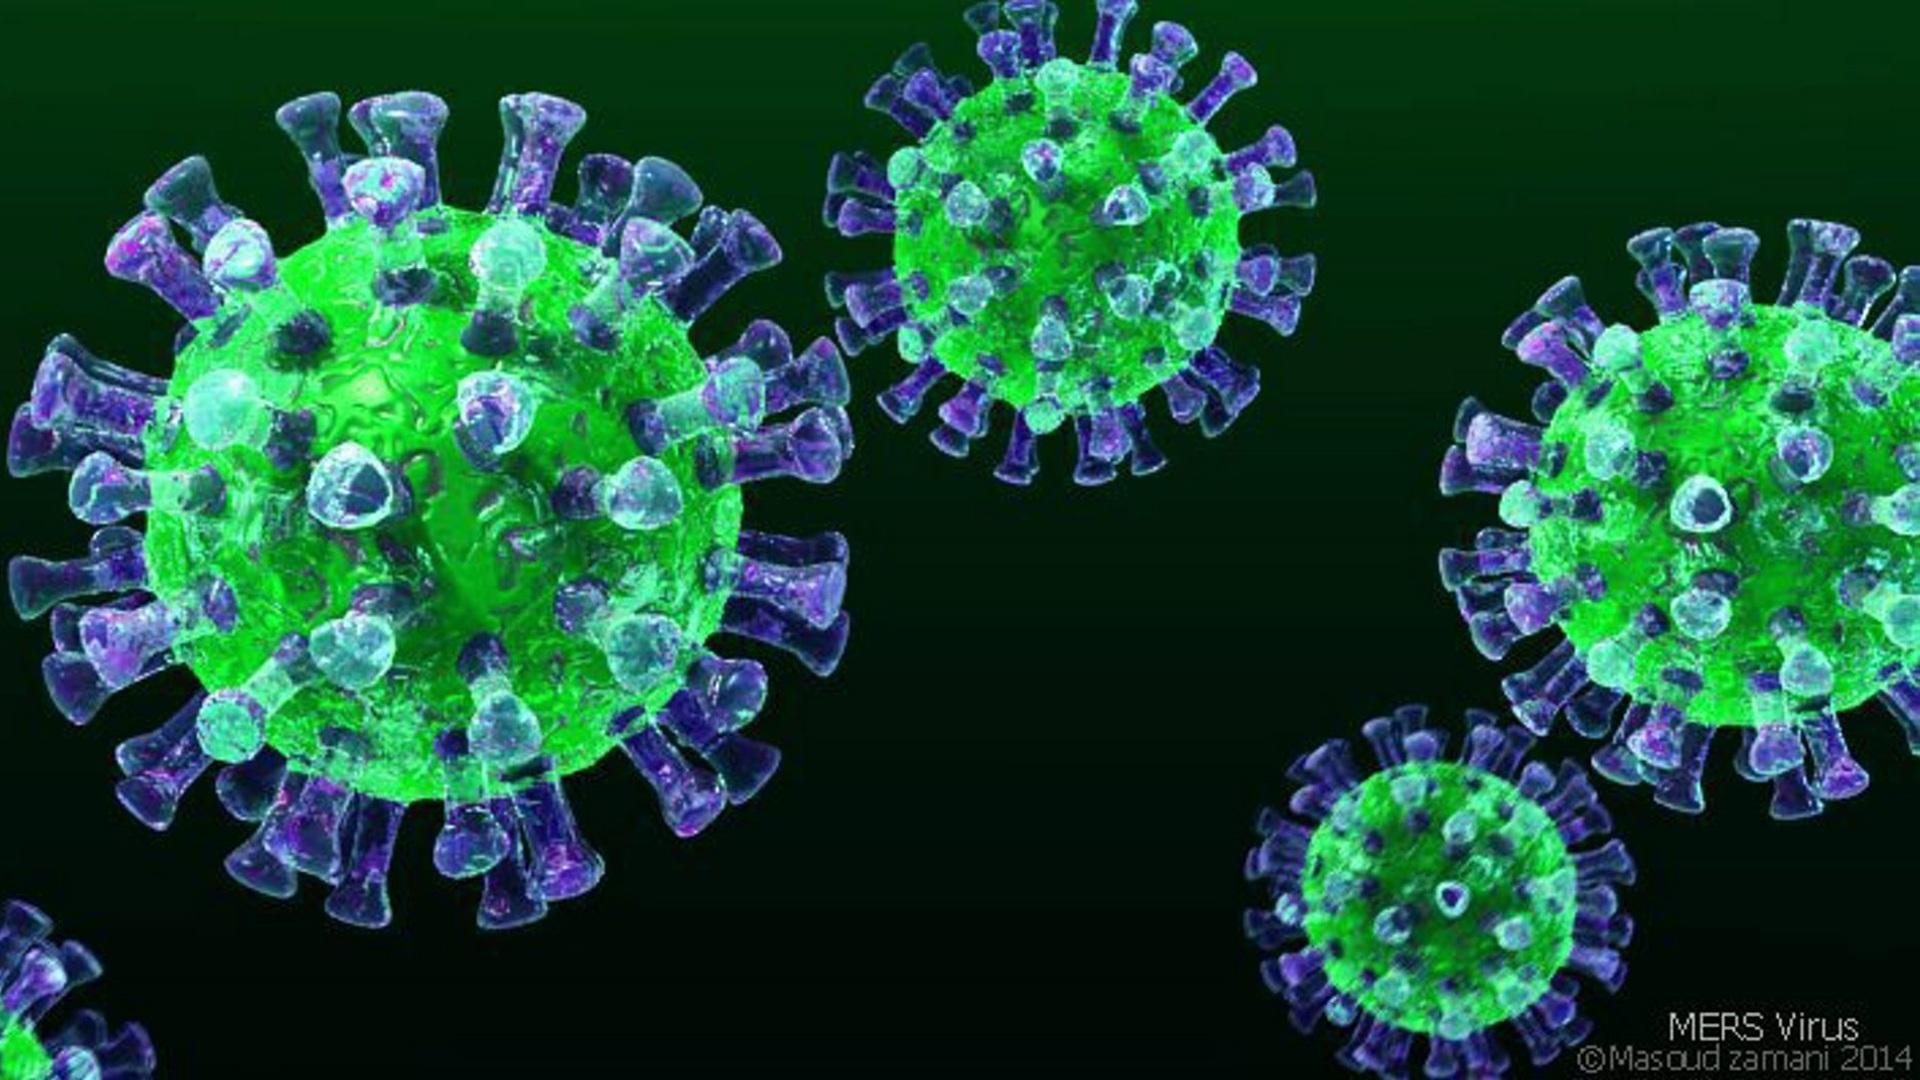 ҚР ДСМ: Қазақстанда коронавирустық инфекция тіркелген жоқ